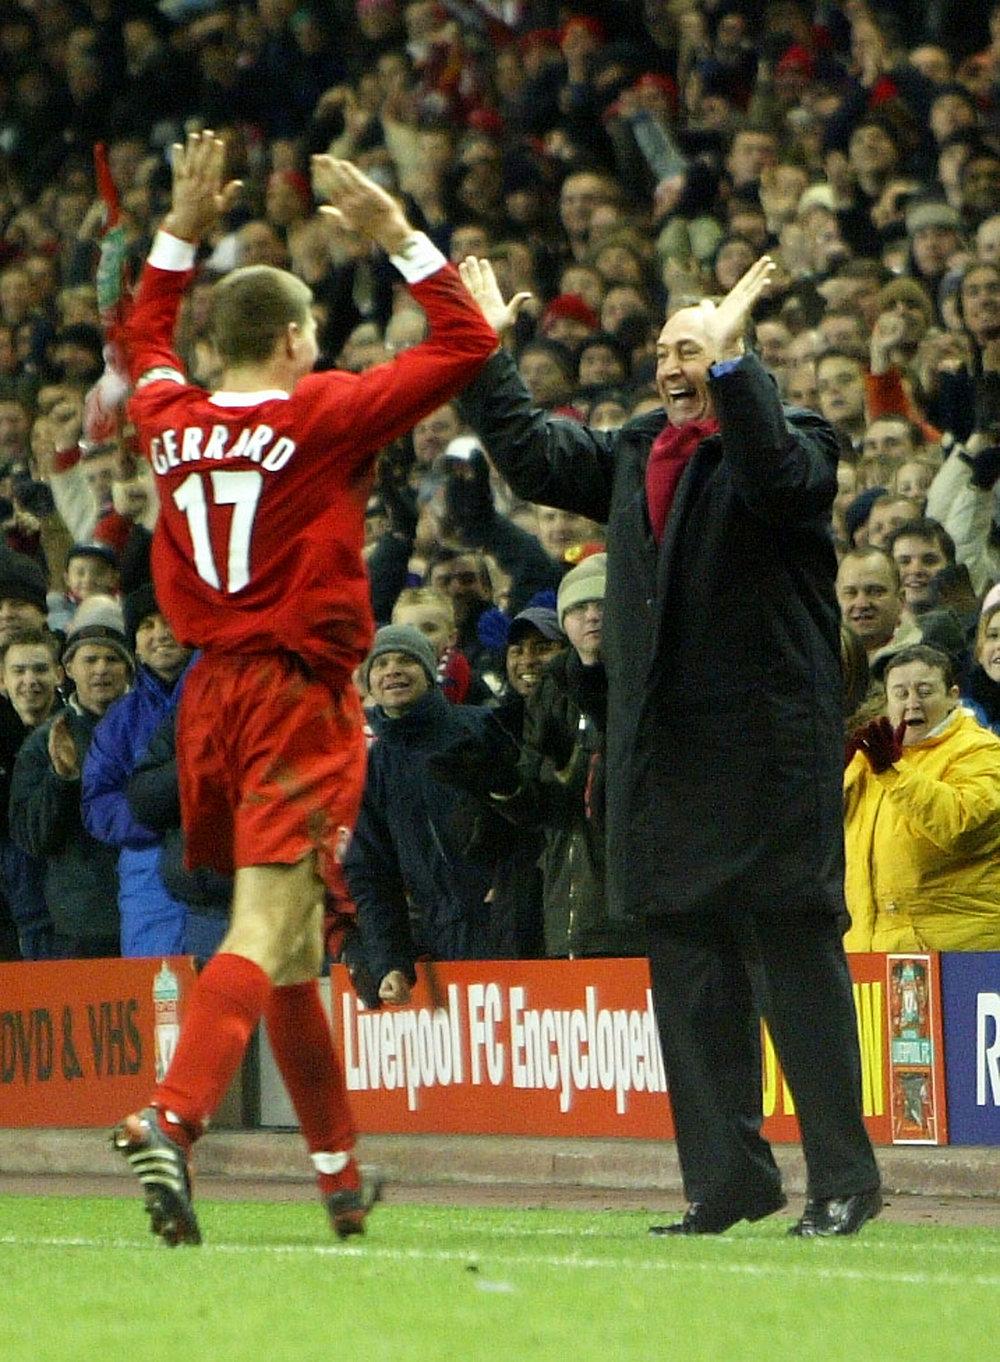 Gerard Houllier gjorde op med drengerøvsmentaliteten i Liverpool og var fantastisk for spillere som Steven Gerrard. Men sygdom kostede for meget i den sidste ende.   Foto: Getty Images